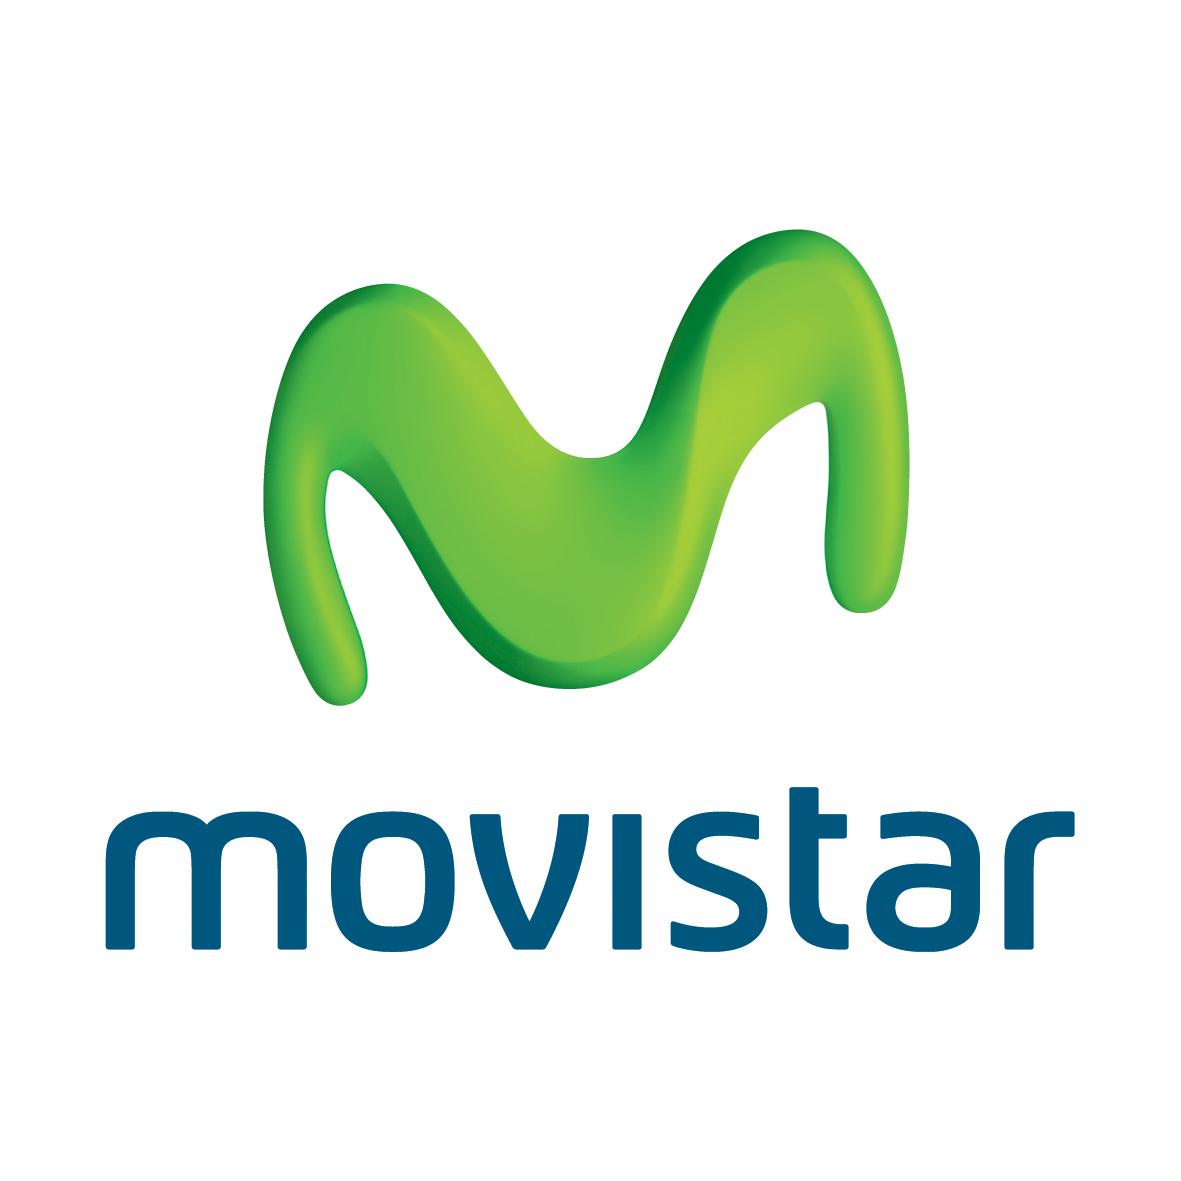 Fiesta Navidad Movistar 2012